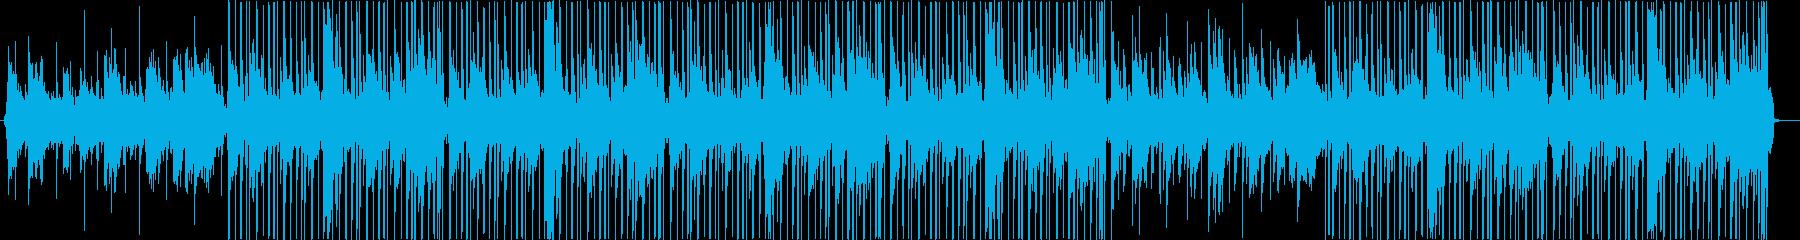 なごやか/lofi/ヒップホップ/カフェの再生済みの波形